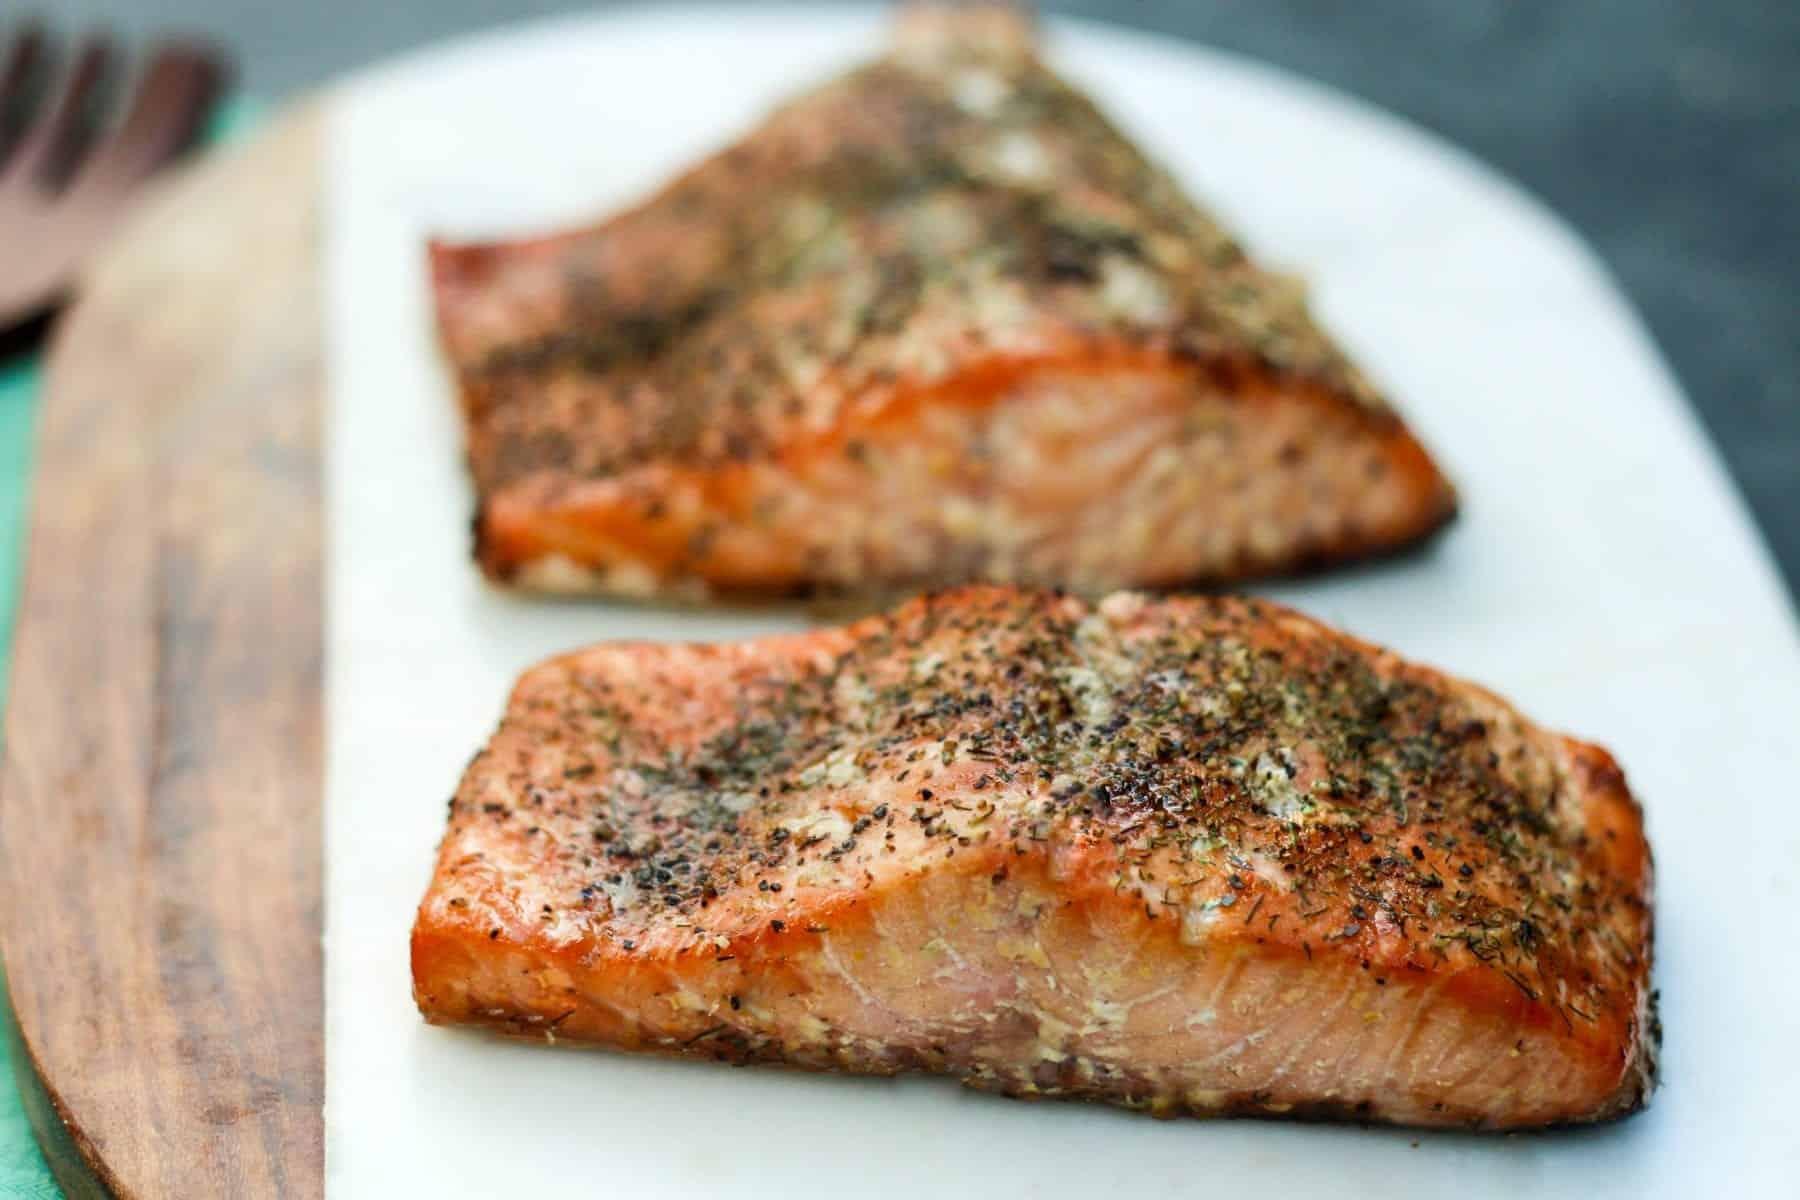 Smoking Salmon Recipes